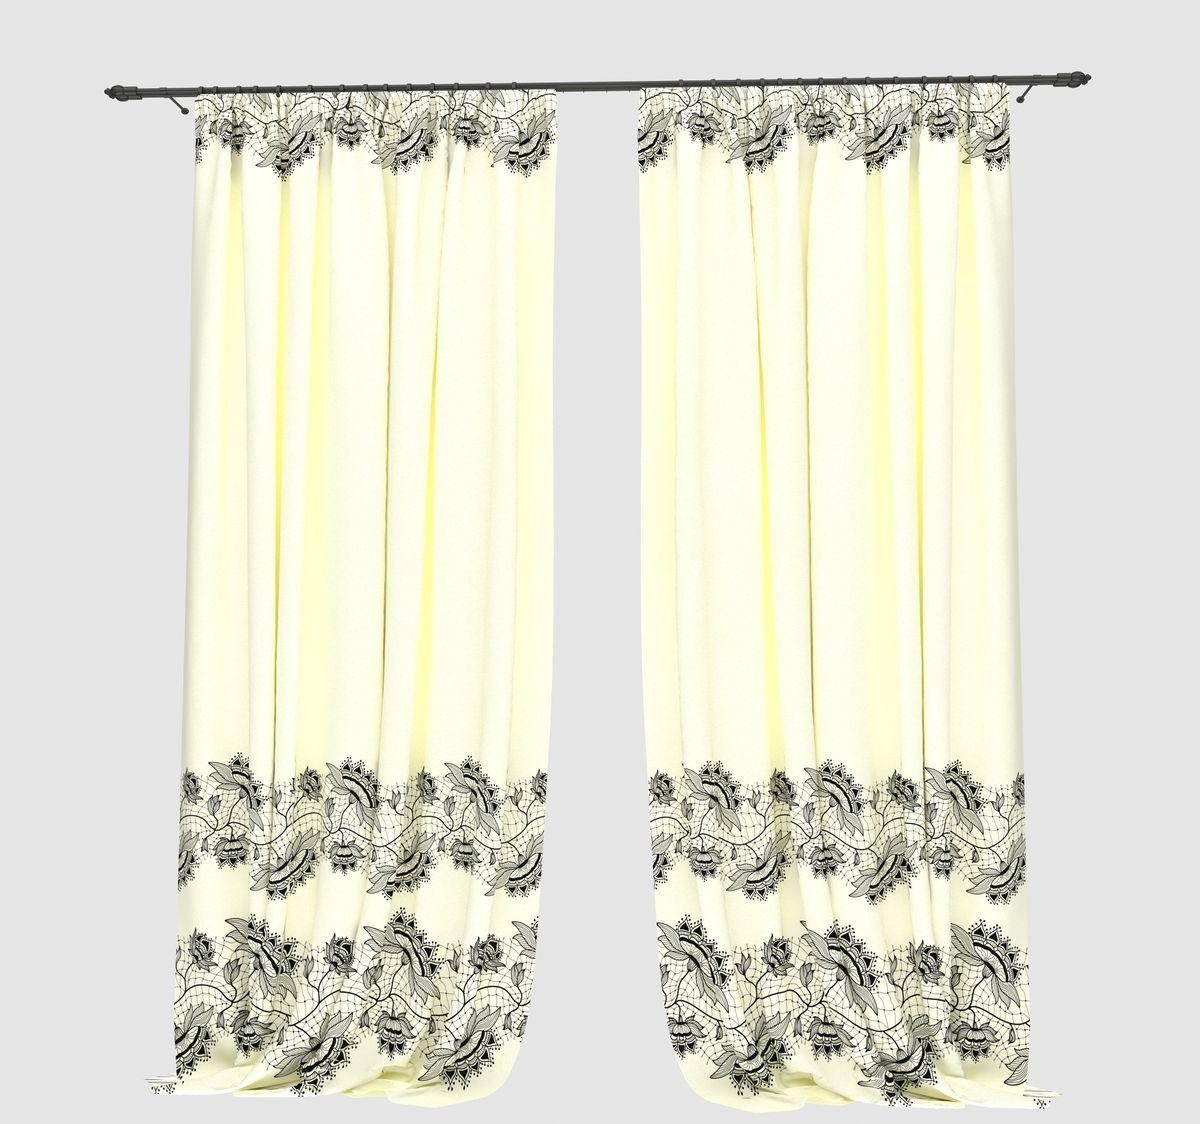 Комплект фотоштор Bellino Home Марандум, высота 260 см. 05632-ФШ-ГБ-00105632-ФШ-ГБ-001Комплект фотоштор BELLINO HOME, коллекция Бохо. Интерьер в стиле бохо - это калейдоскоп цветов, фактур, эмоций и свобода самовыражения. основная задача этого стиля - создание уютногоуютного пространства. Коллекция пропитана ритмическими рисунками теплого джаза с гармоническими структурами и неформальной культурой 60х-70х годов. Это согздание интерьера на основе собственных эмоций и пристрастий. Стиль бохо подразумевает некую внутреннюю свободу в человеке, благодаря которой , установленные современниками каноны и принципы становятся не важны. Именно поэтому здесь место самому интересному декору, электичным сочетаниям и неожиданным ходам. Крепление на карниз при помощи шторной ленты на крючки. В комплекте: Портьера: 2 шт. Размер (ШхВ): 145 см х 260 см. Рекомендации по уходу: стирка при 30 градусах гладить при температуре до 150 градусов Изображение на мониторе может немного отличаться от реального.